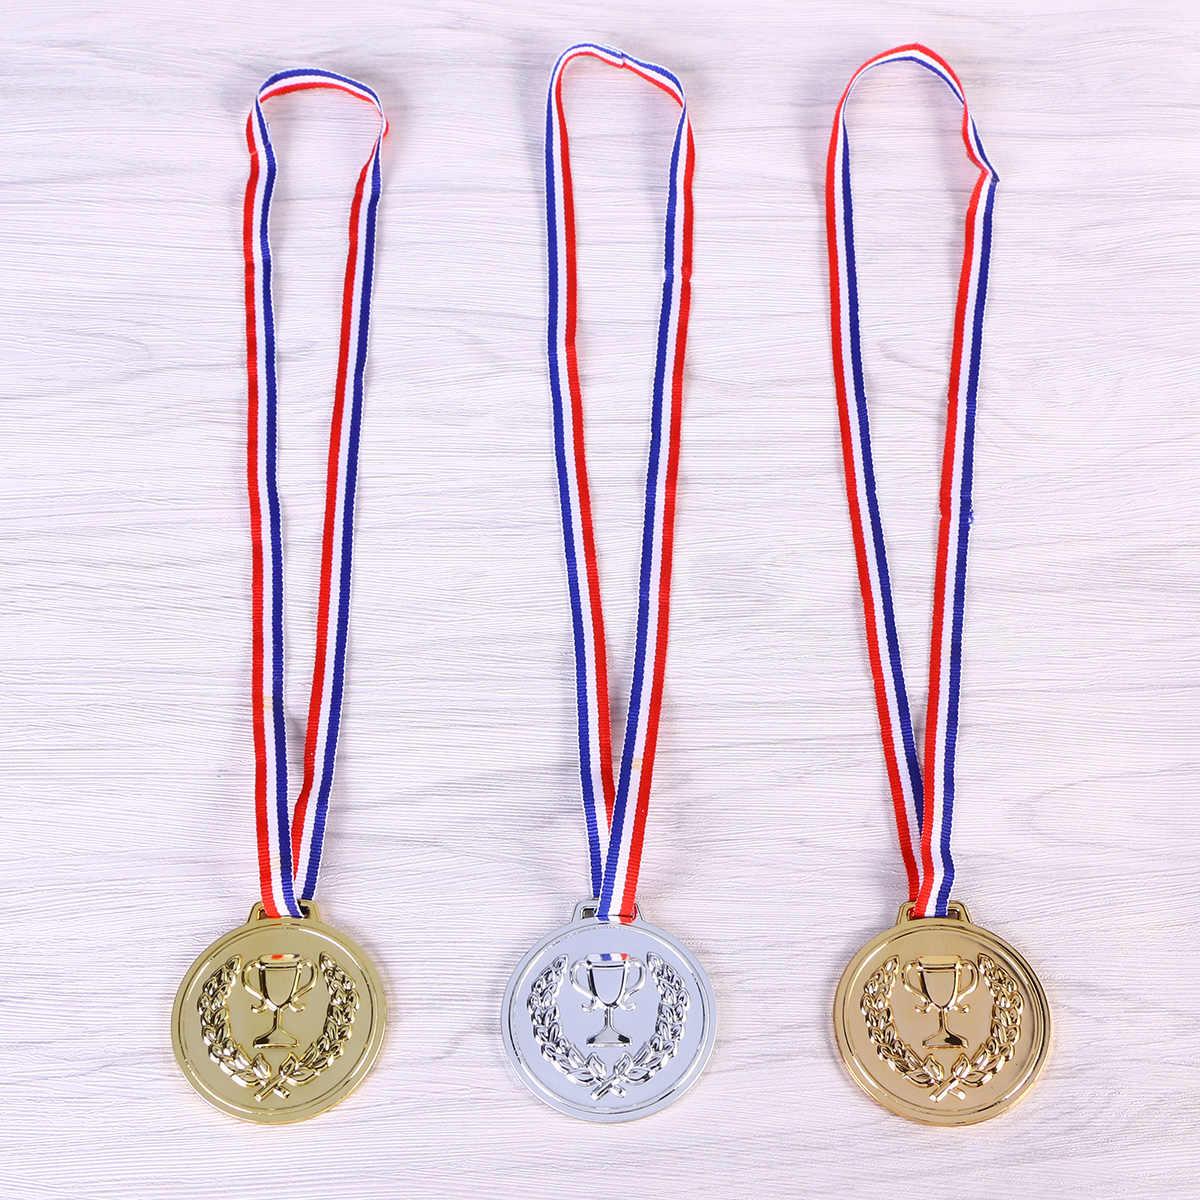 12 шт Детские Игрушки для раннего обучения трофей медали Интересные детские медали (серебряные медали * 4, золотые медали * 4 и медь * 4)